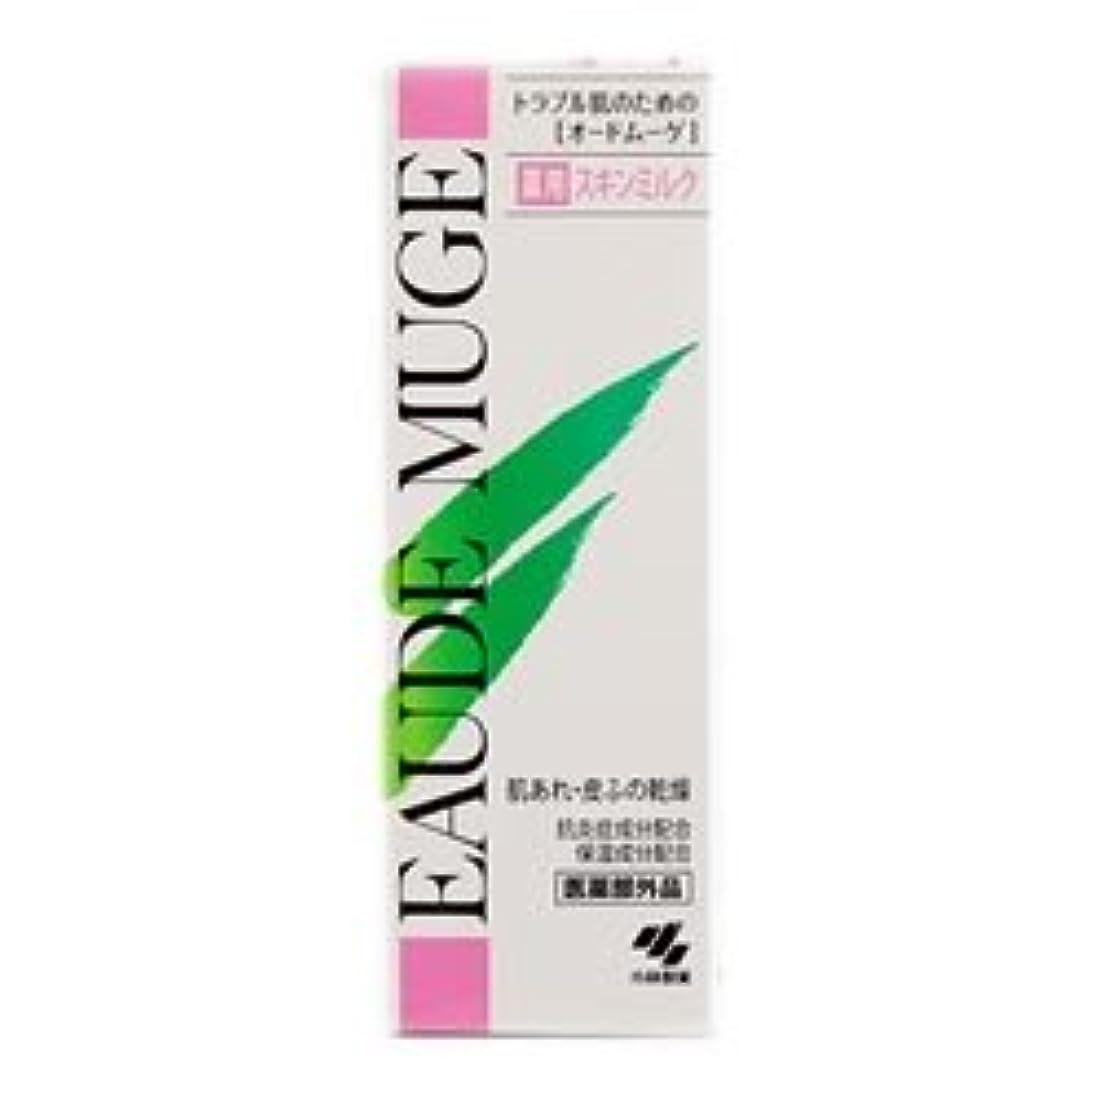 フォーラムホームレス算術【小林製薬】オードムーゲ薬用スキンミルク 100g ×5個セット